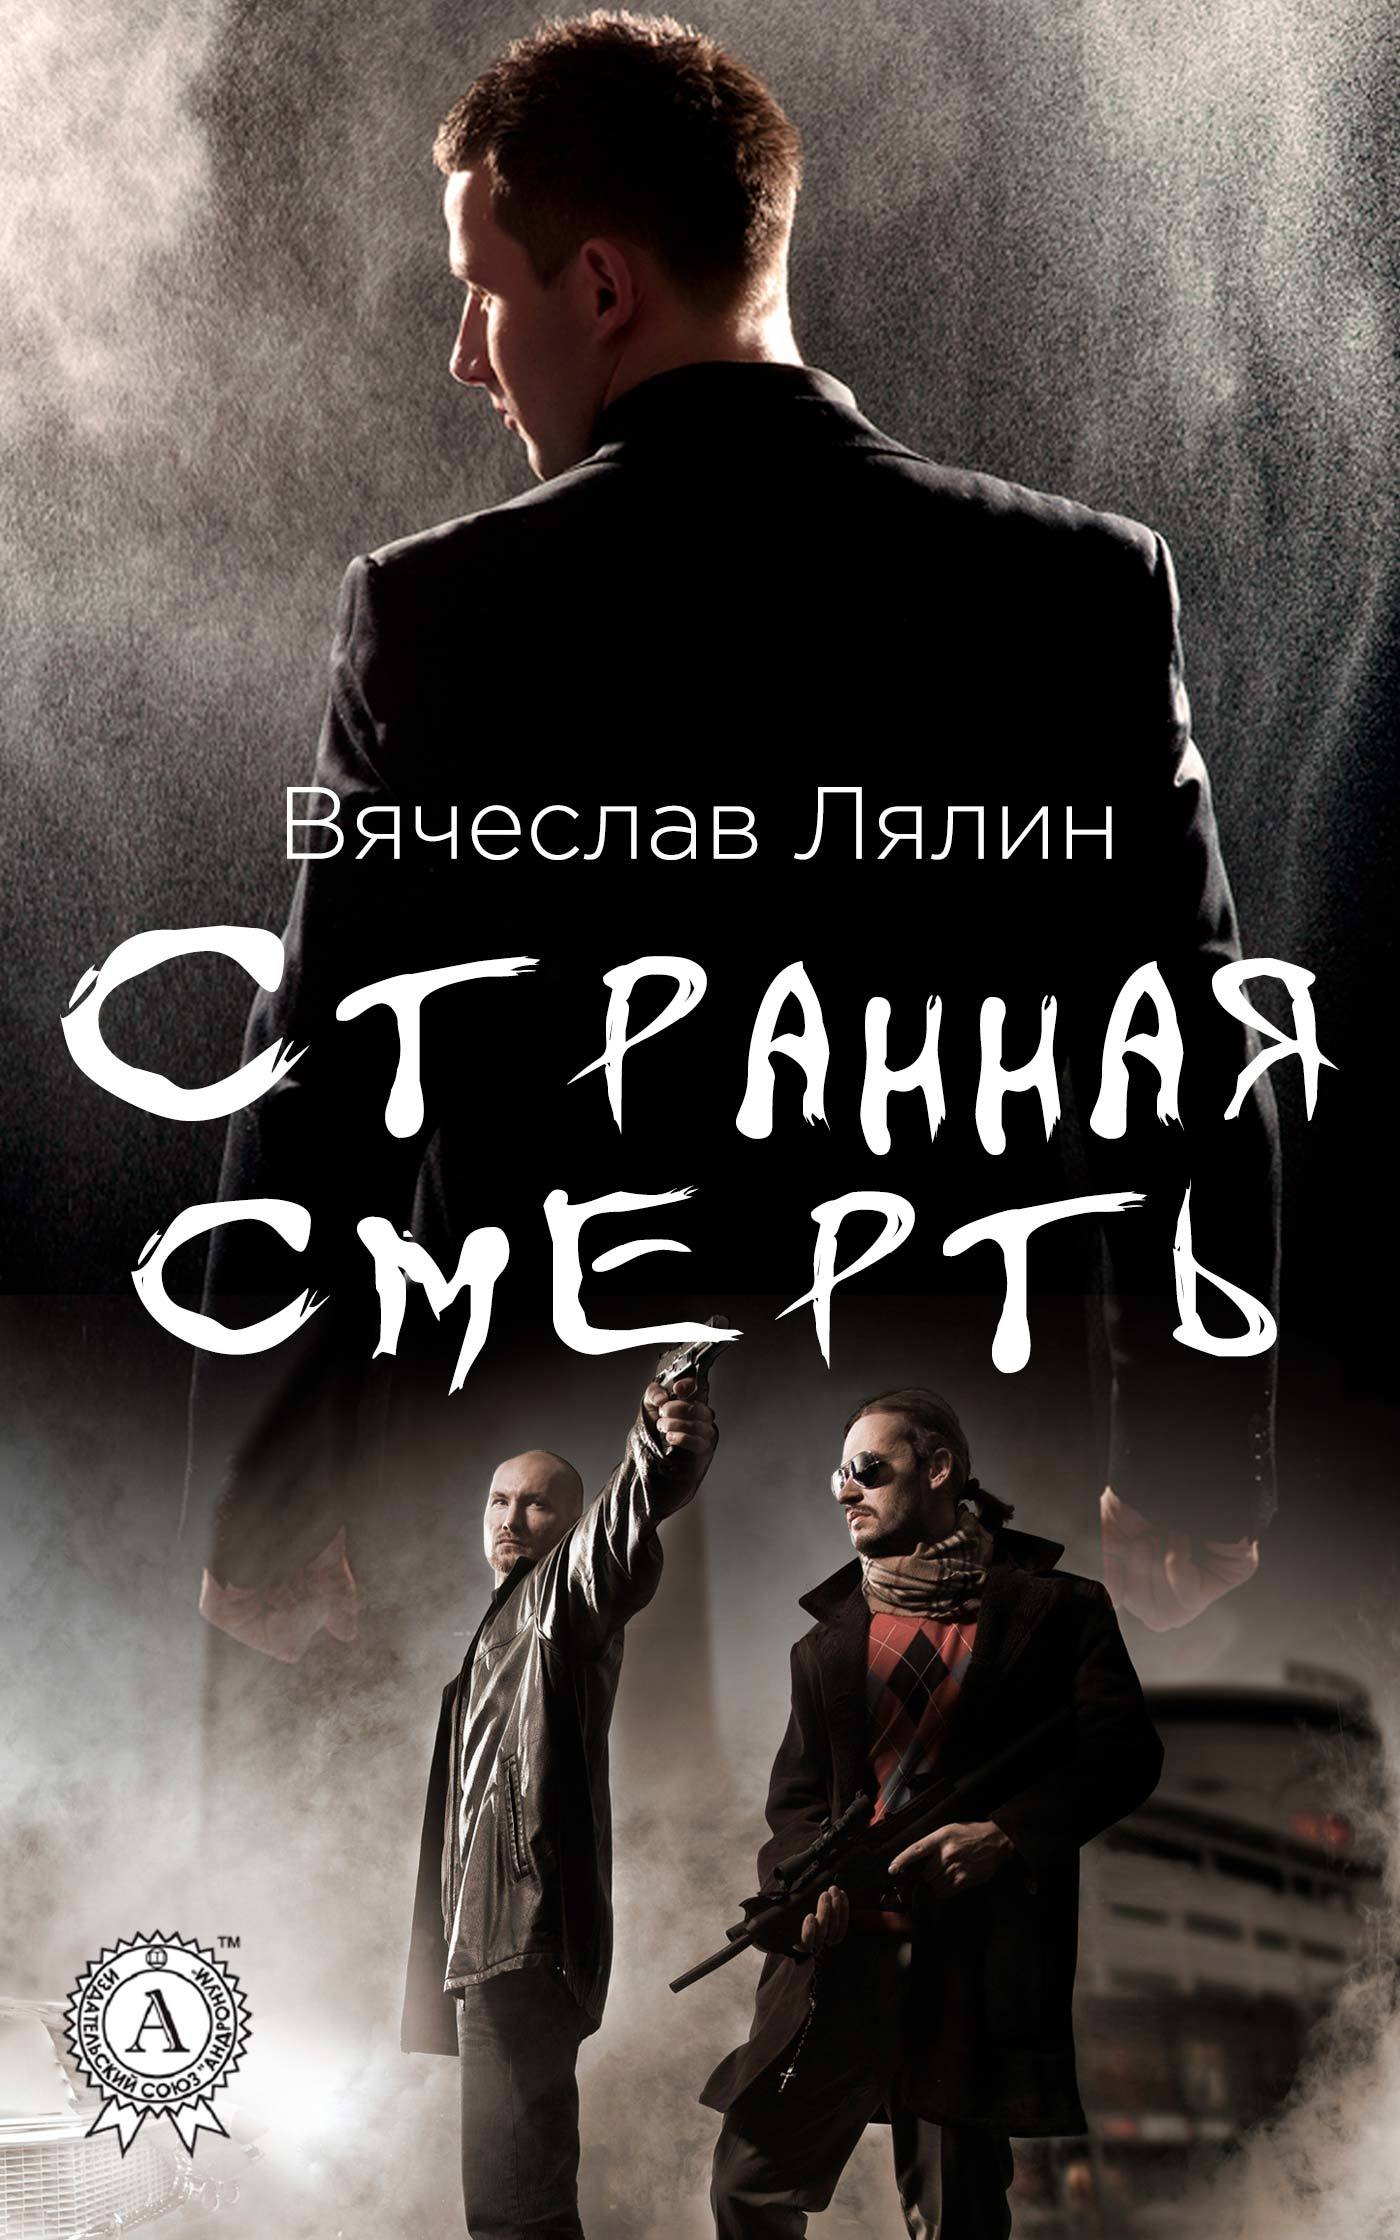 Вячеслав Лялин бесплатно